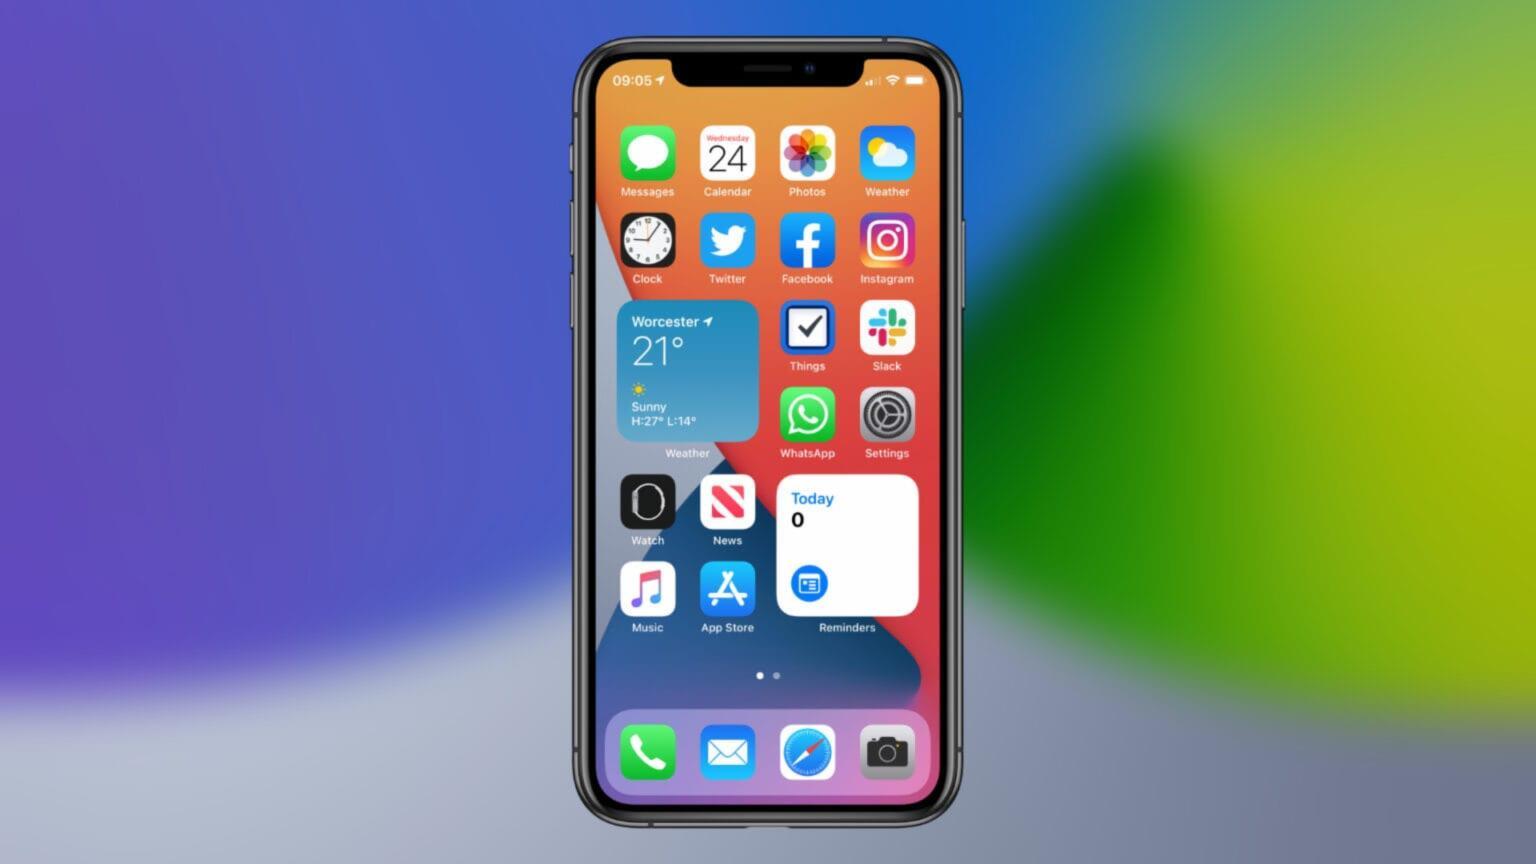 come aggiungere widgets su iPhone